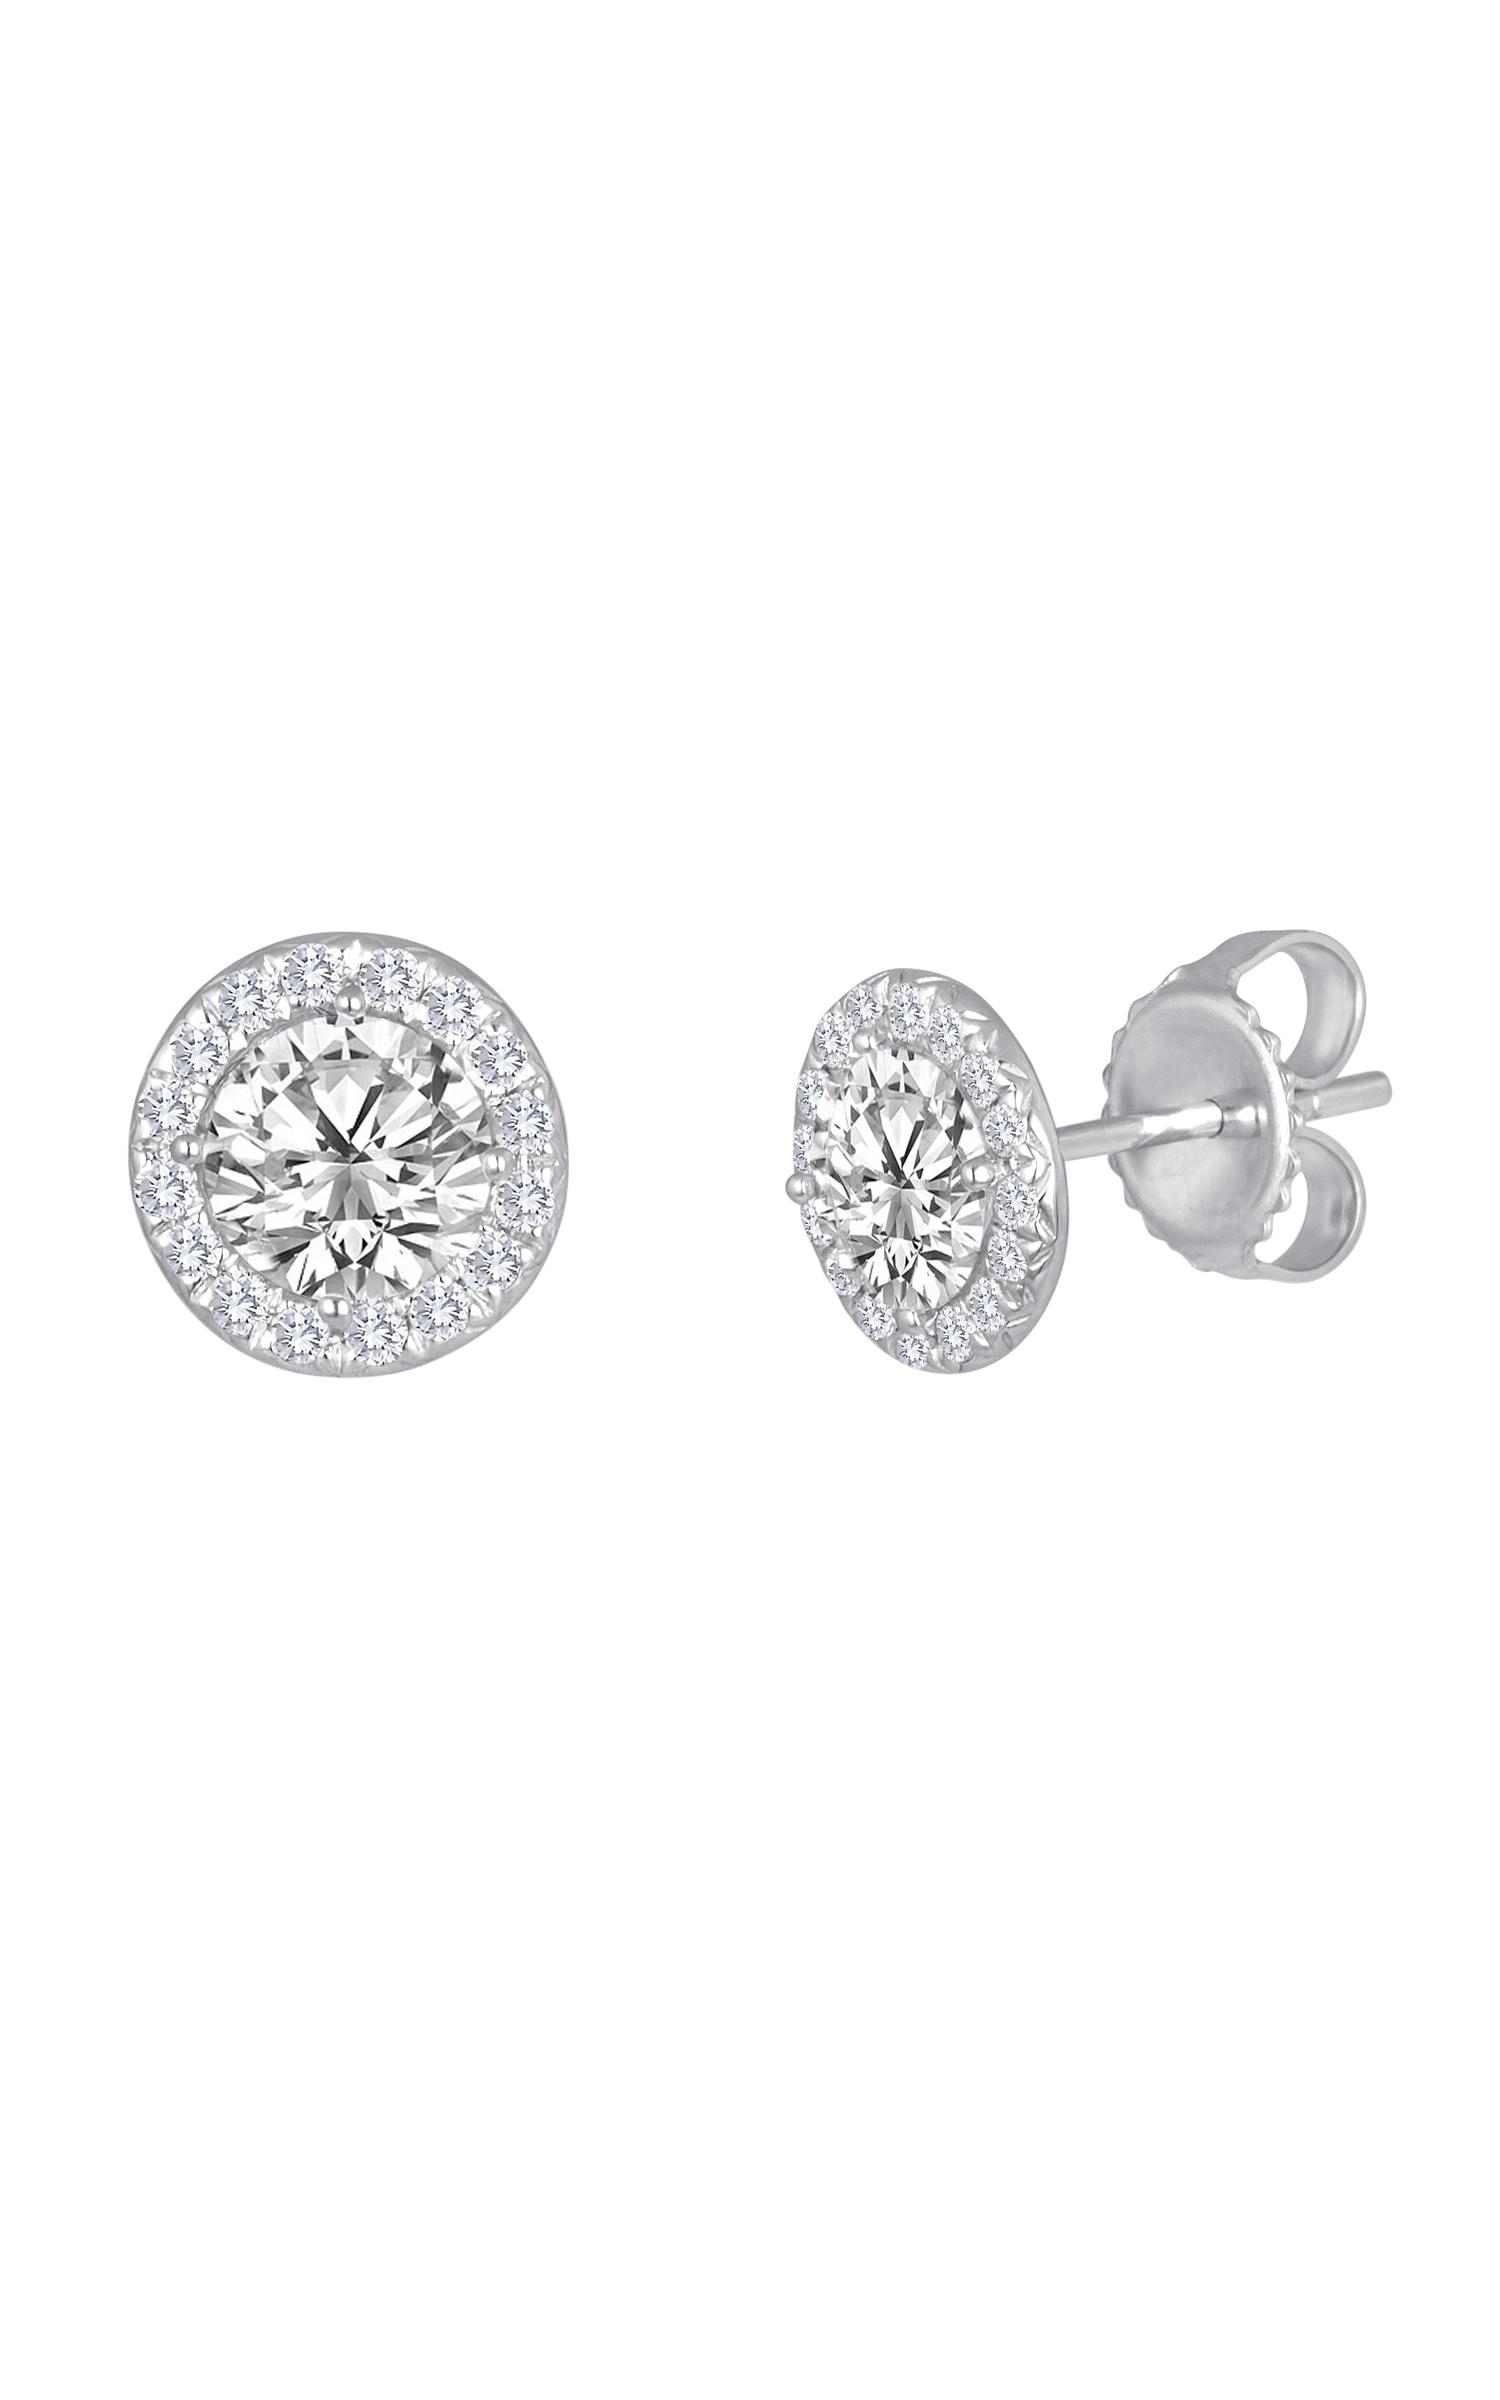 Beny Sofer Earrings Earring SE12-146-3B product image